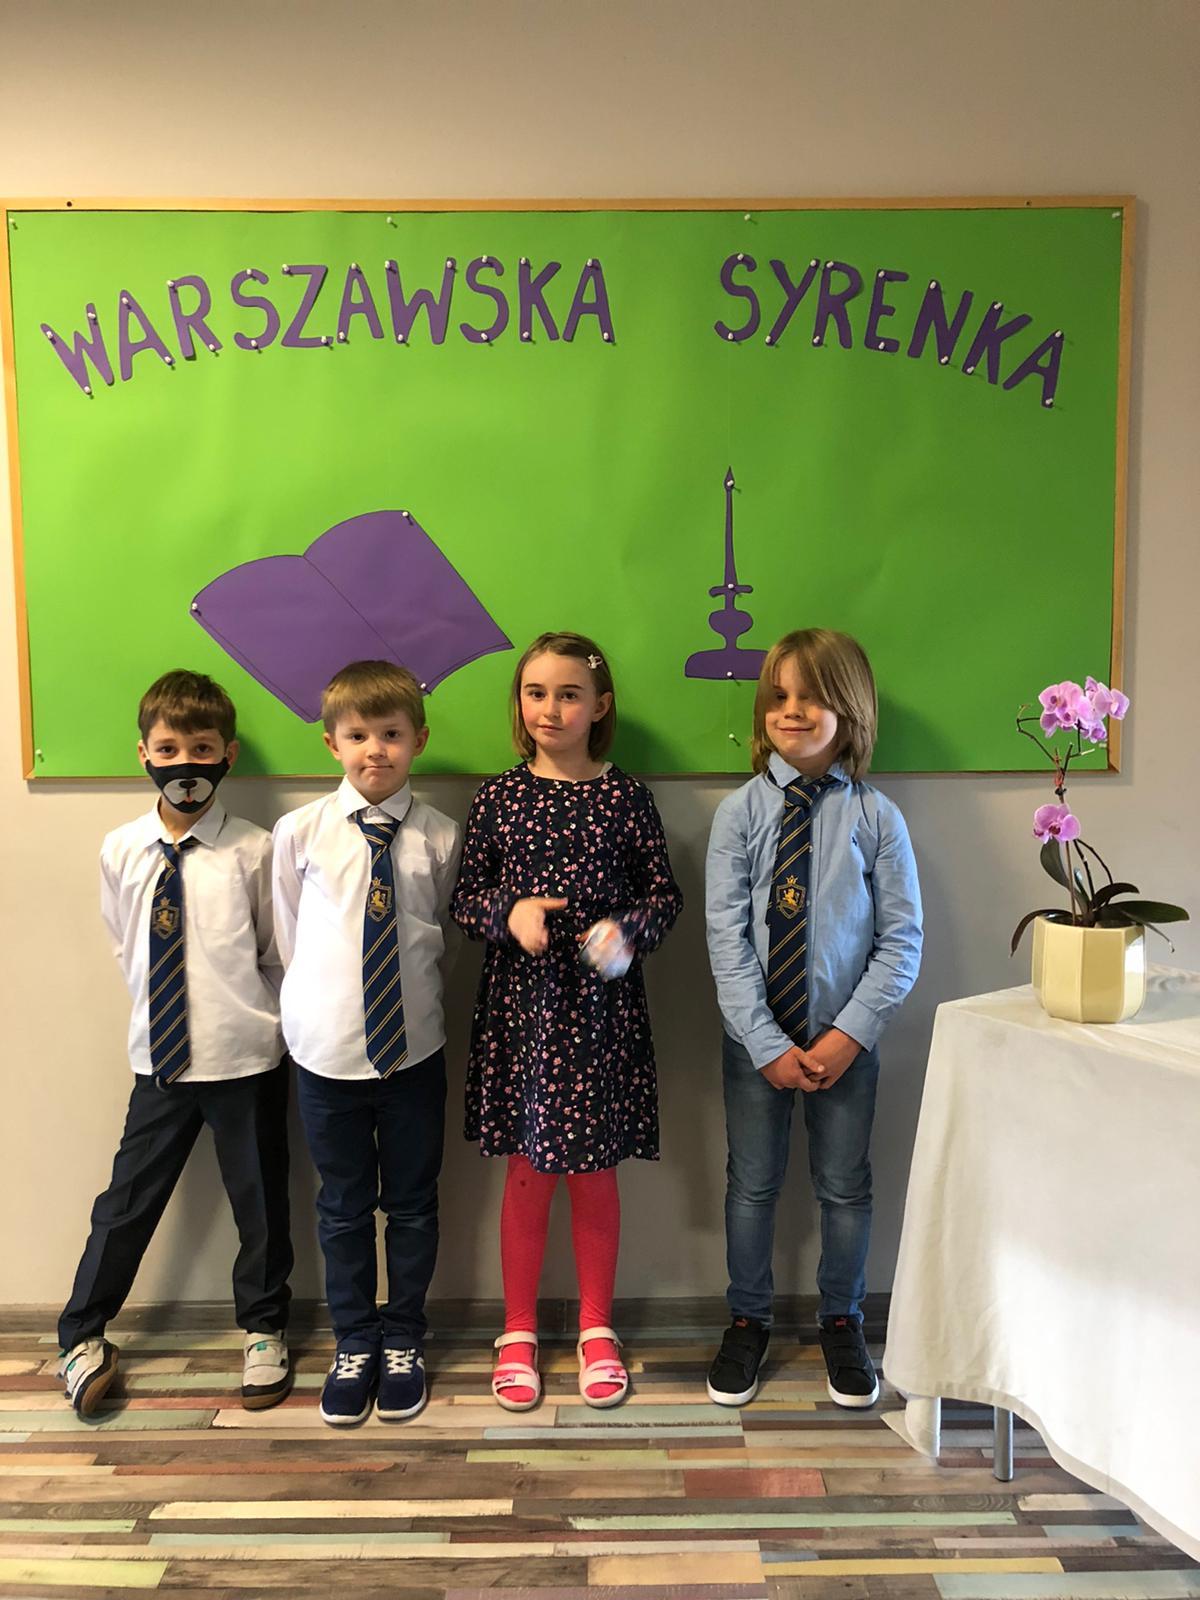 warszawska_syrenka